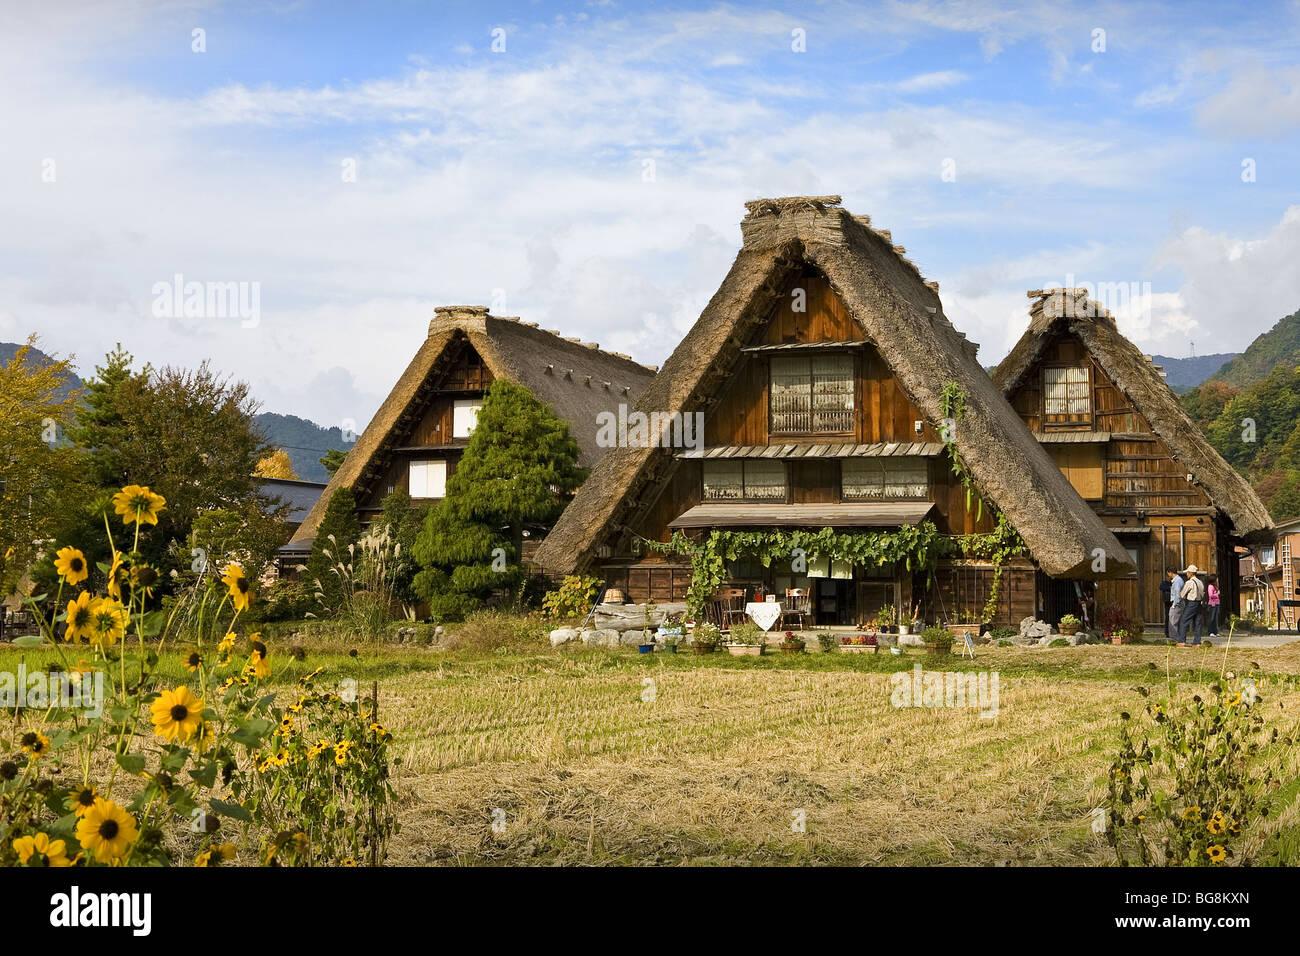 Traditionelle japanische h user im stil namens gassho for Traditionelle japanische architektur